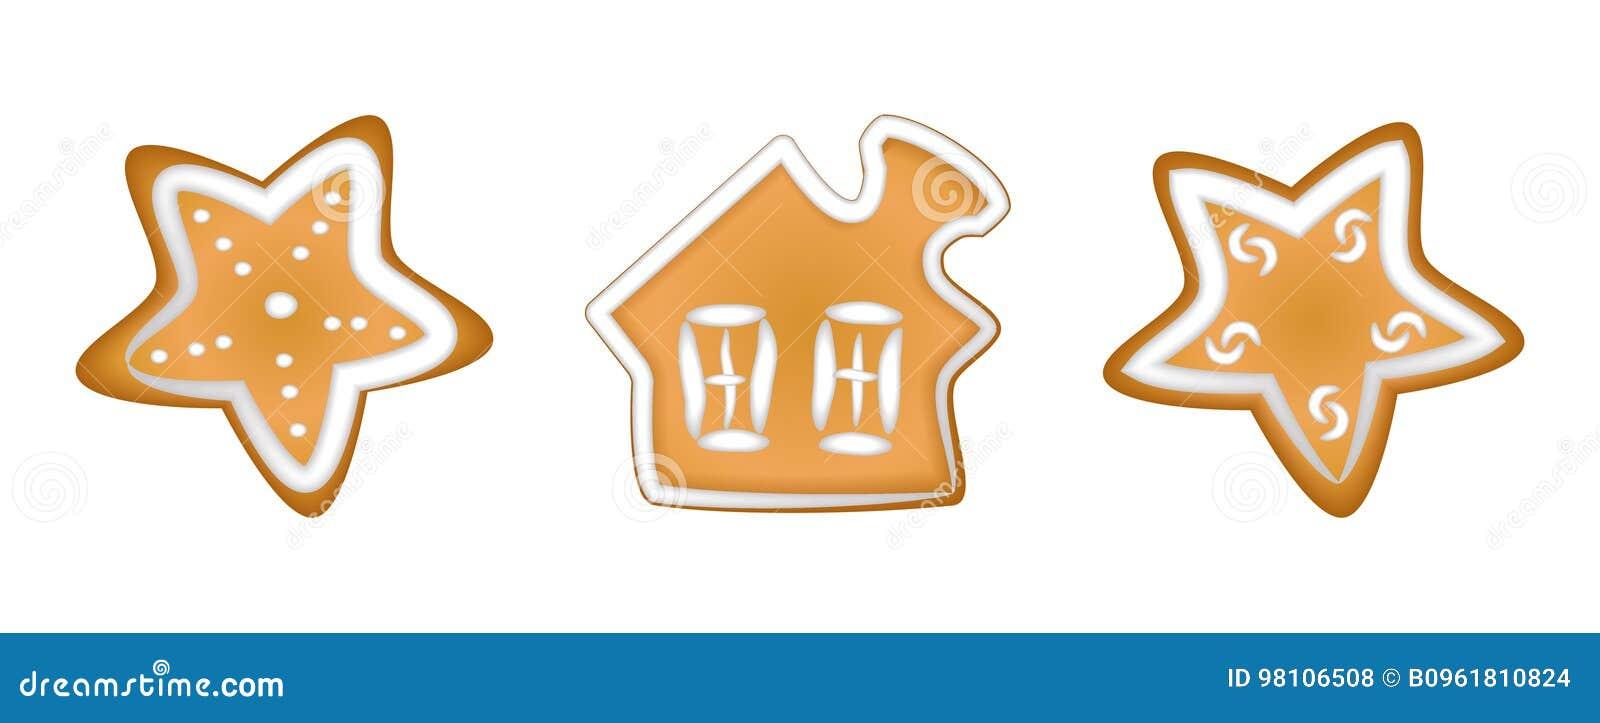 Weihnachtsplätzchen Glasur.Lebkuchen Mit Glasur Weihnachten Handmade Zeichnung Vektor Abbildung